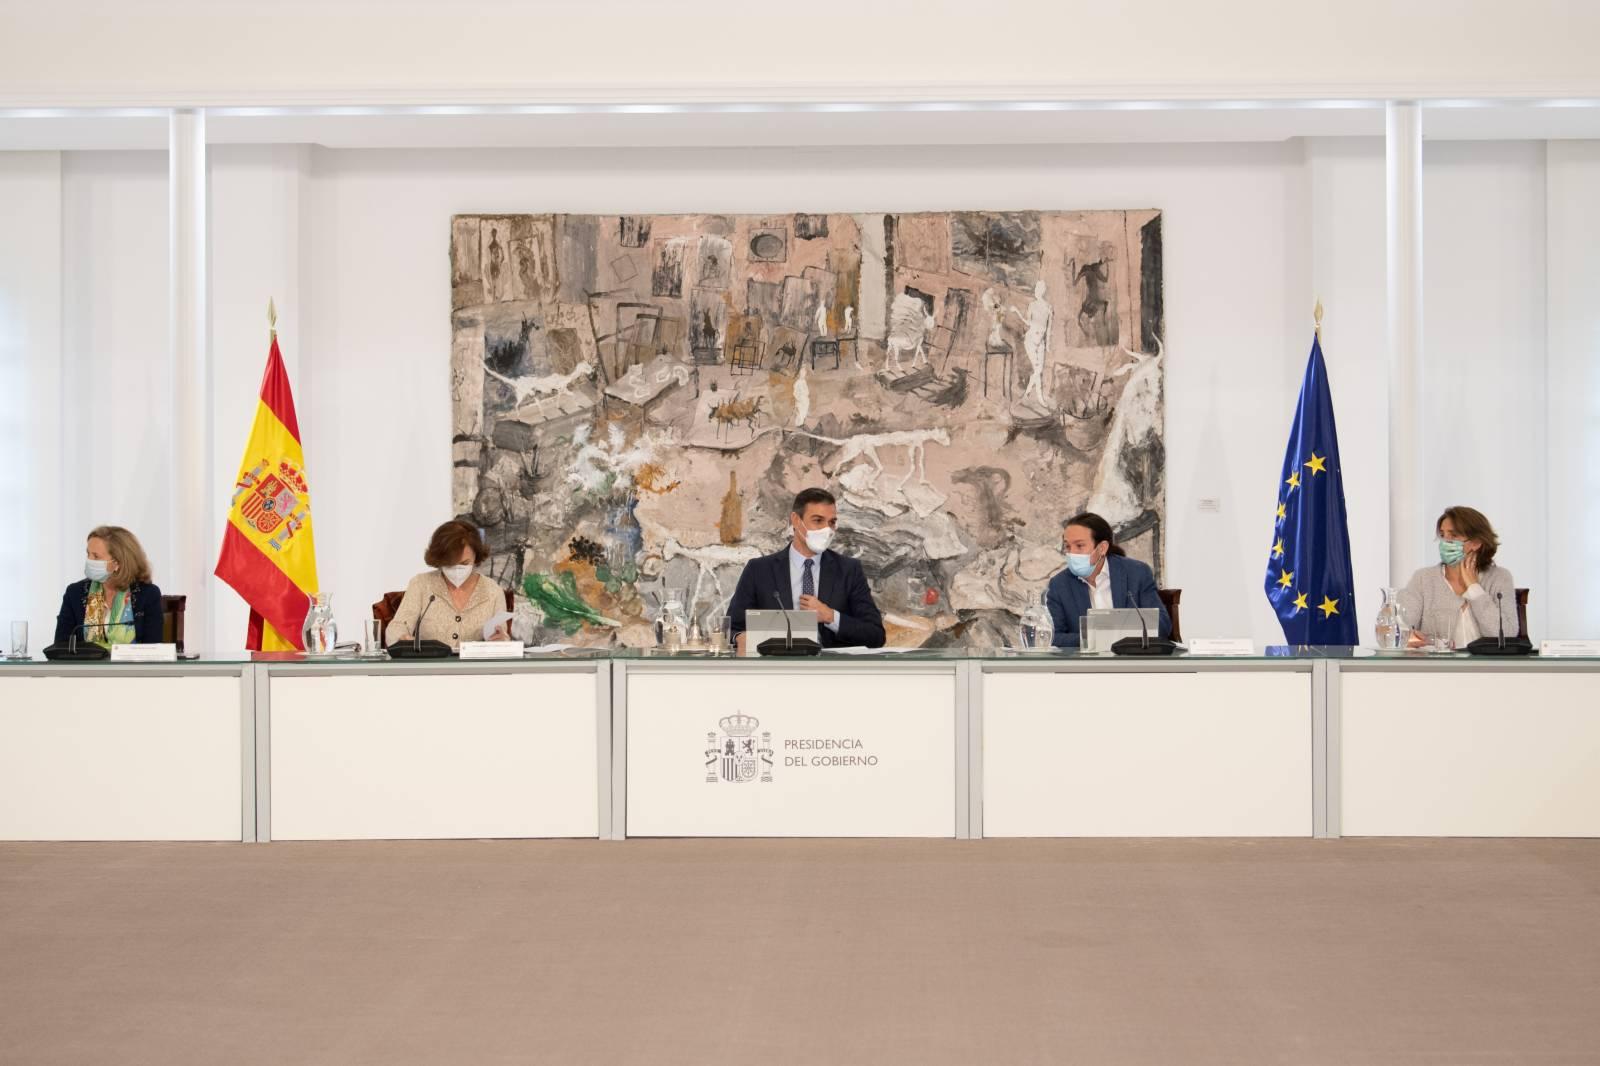 這是10月25日在西班牙馬德里的首相府拍攝的內閣特別會議現場。(新華社)